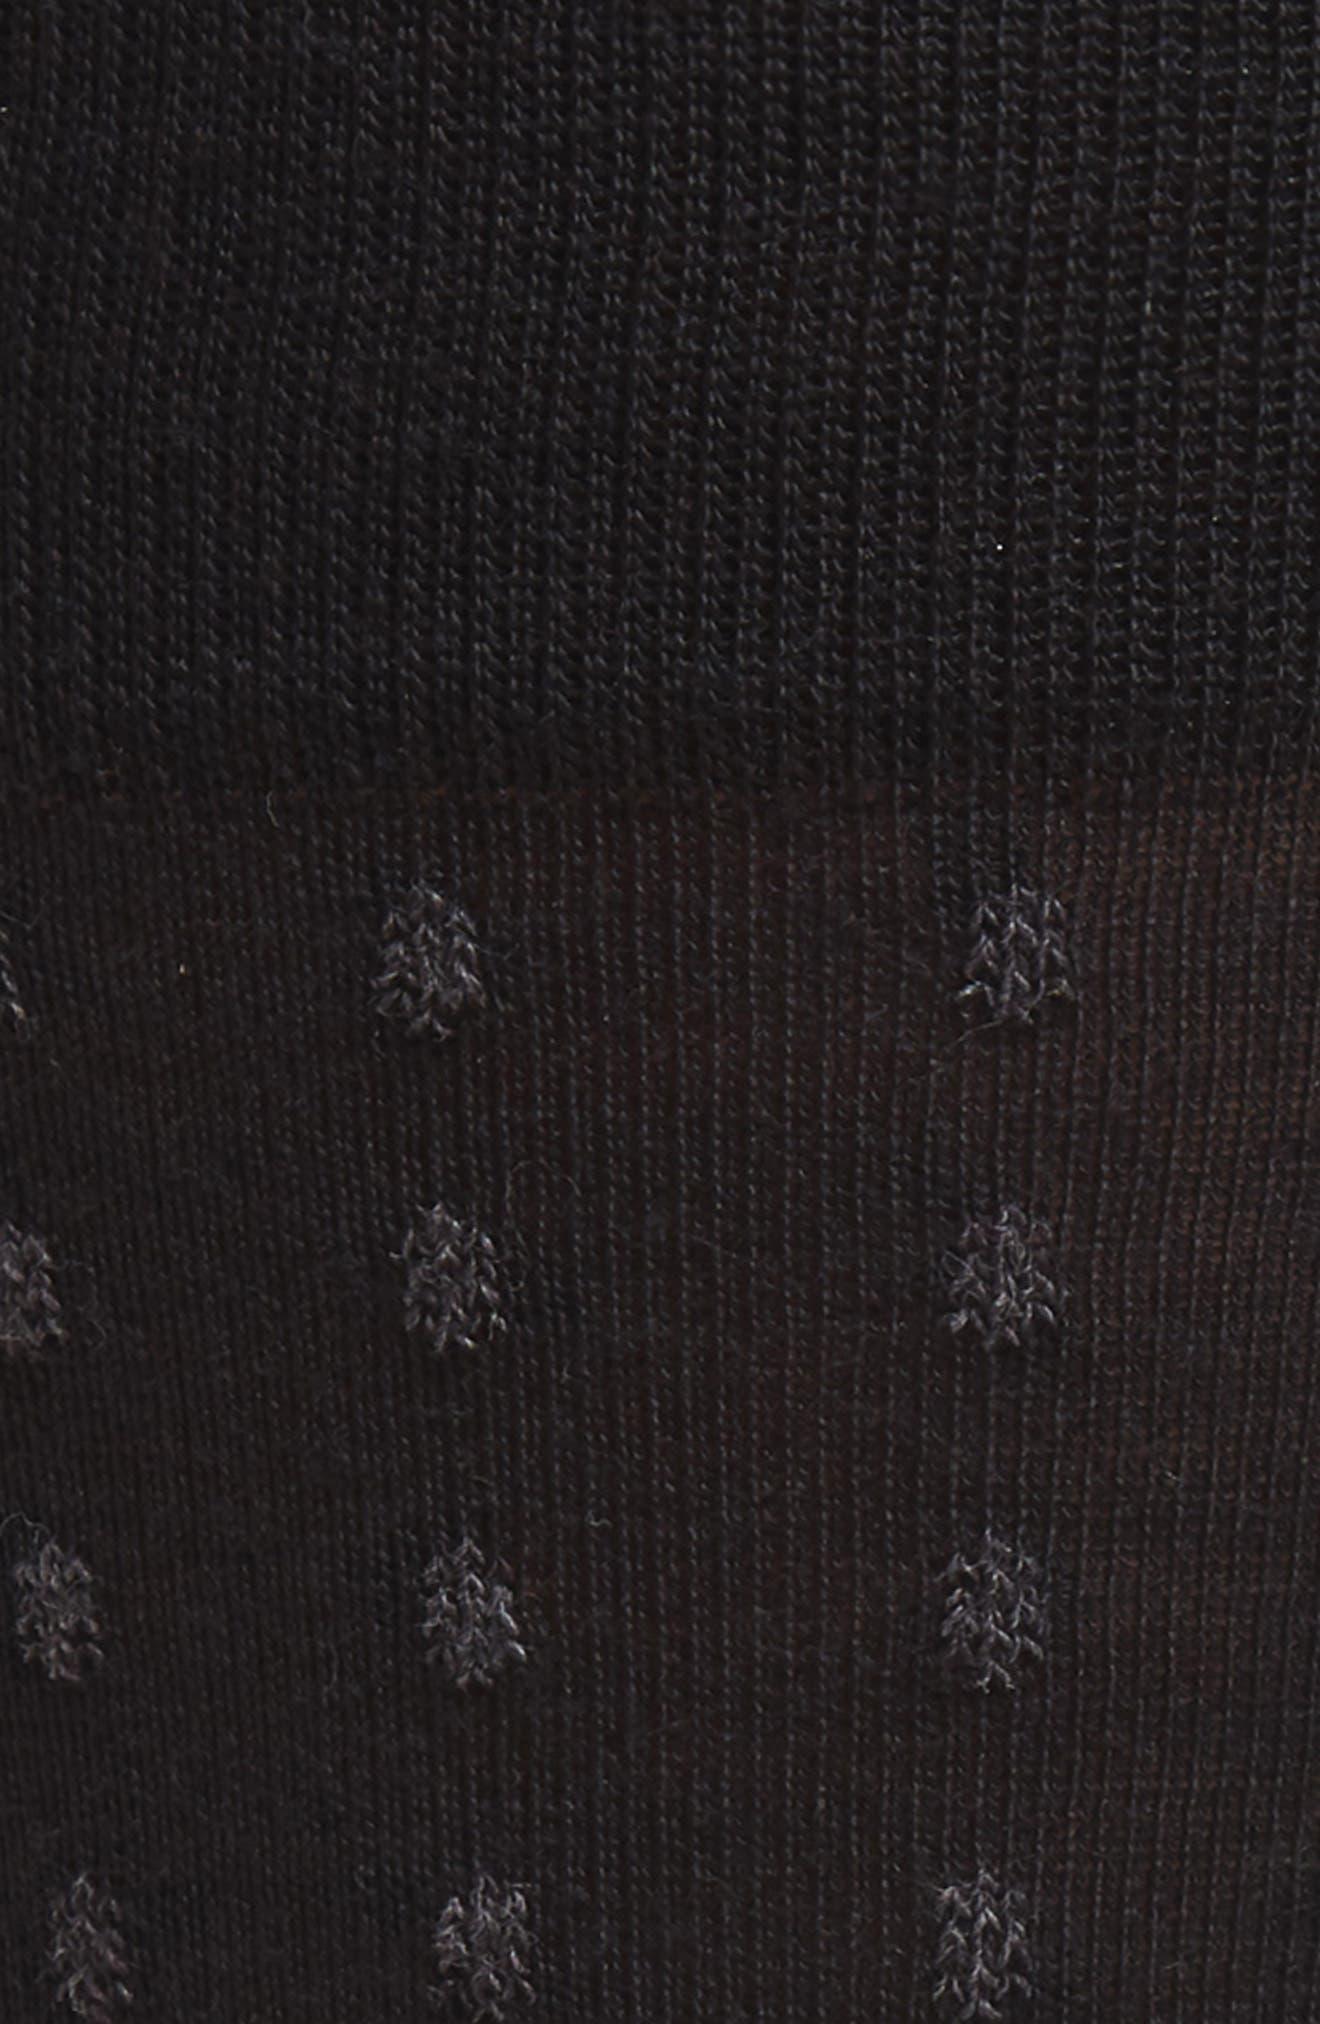 John W. Nordstrom Dot Merino Wool Blend Socks,                             Alternate thumbnail 2, color,                             021